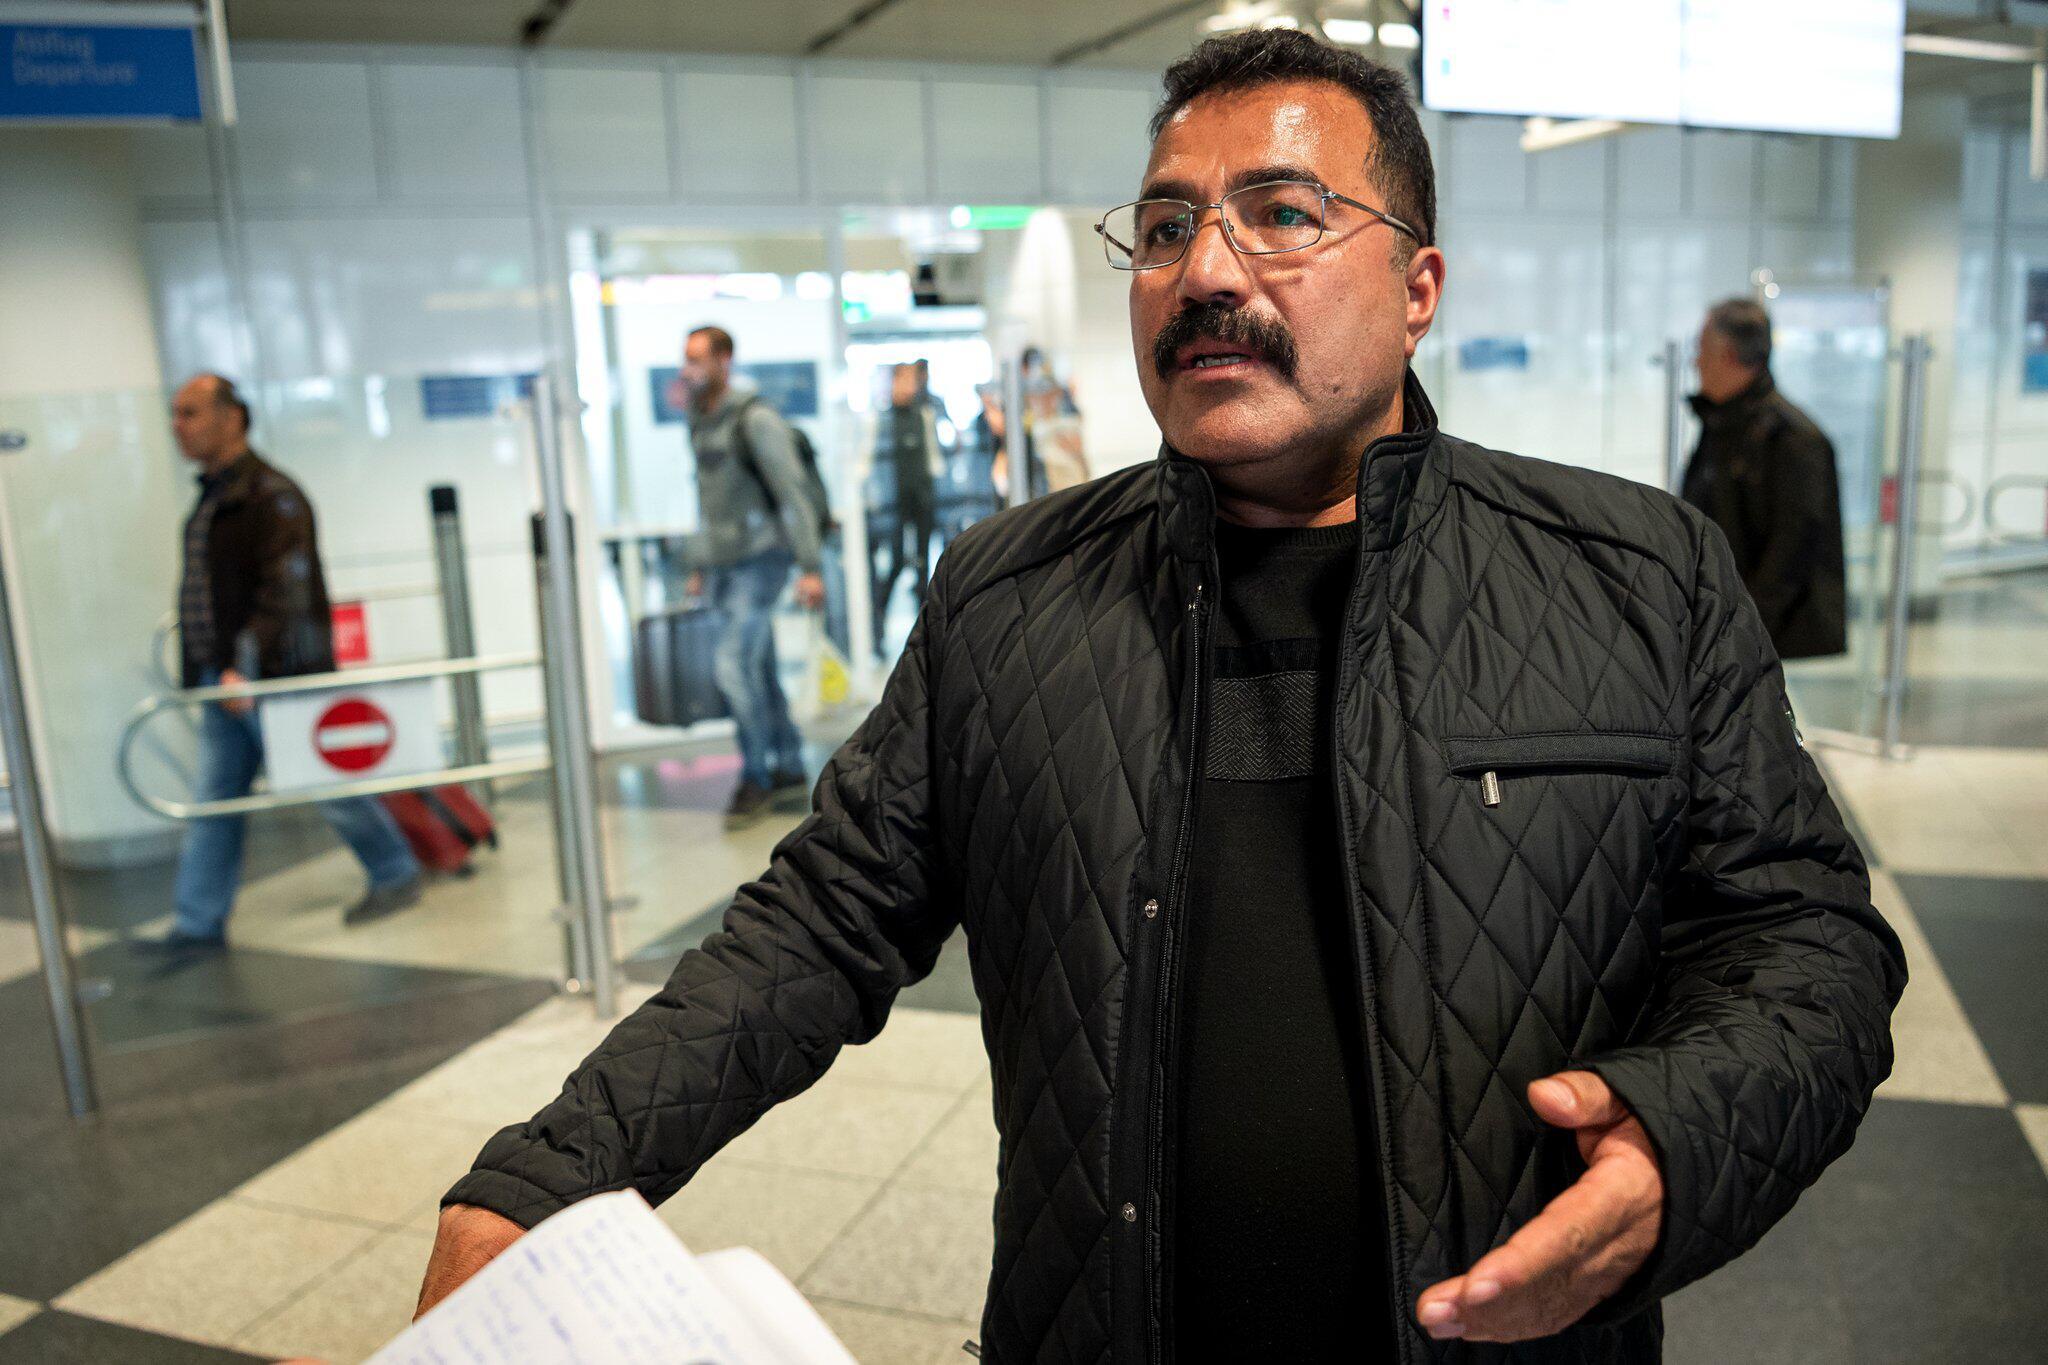 Bild zu Adnan S., Flughafen, München, Ankunft, Türkei, Verhaftung, Facebook, Ausreisesperre, Verfahren